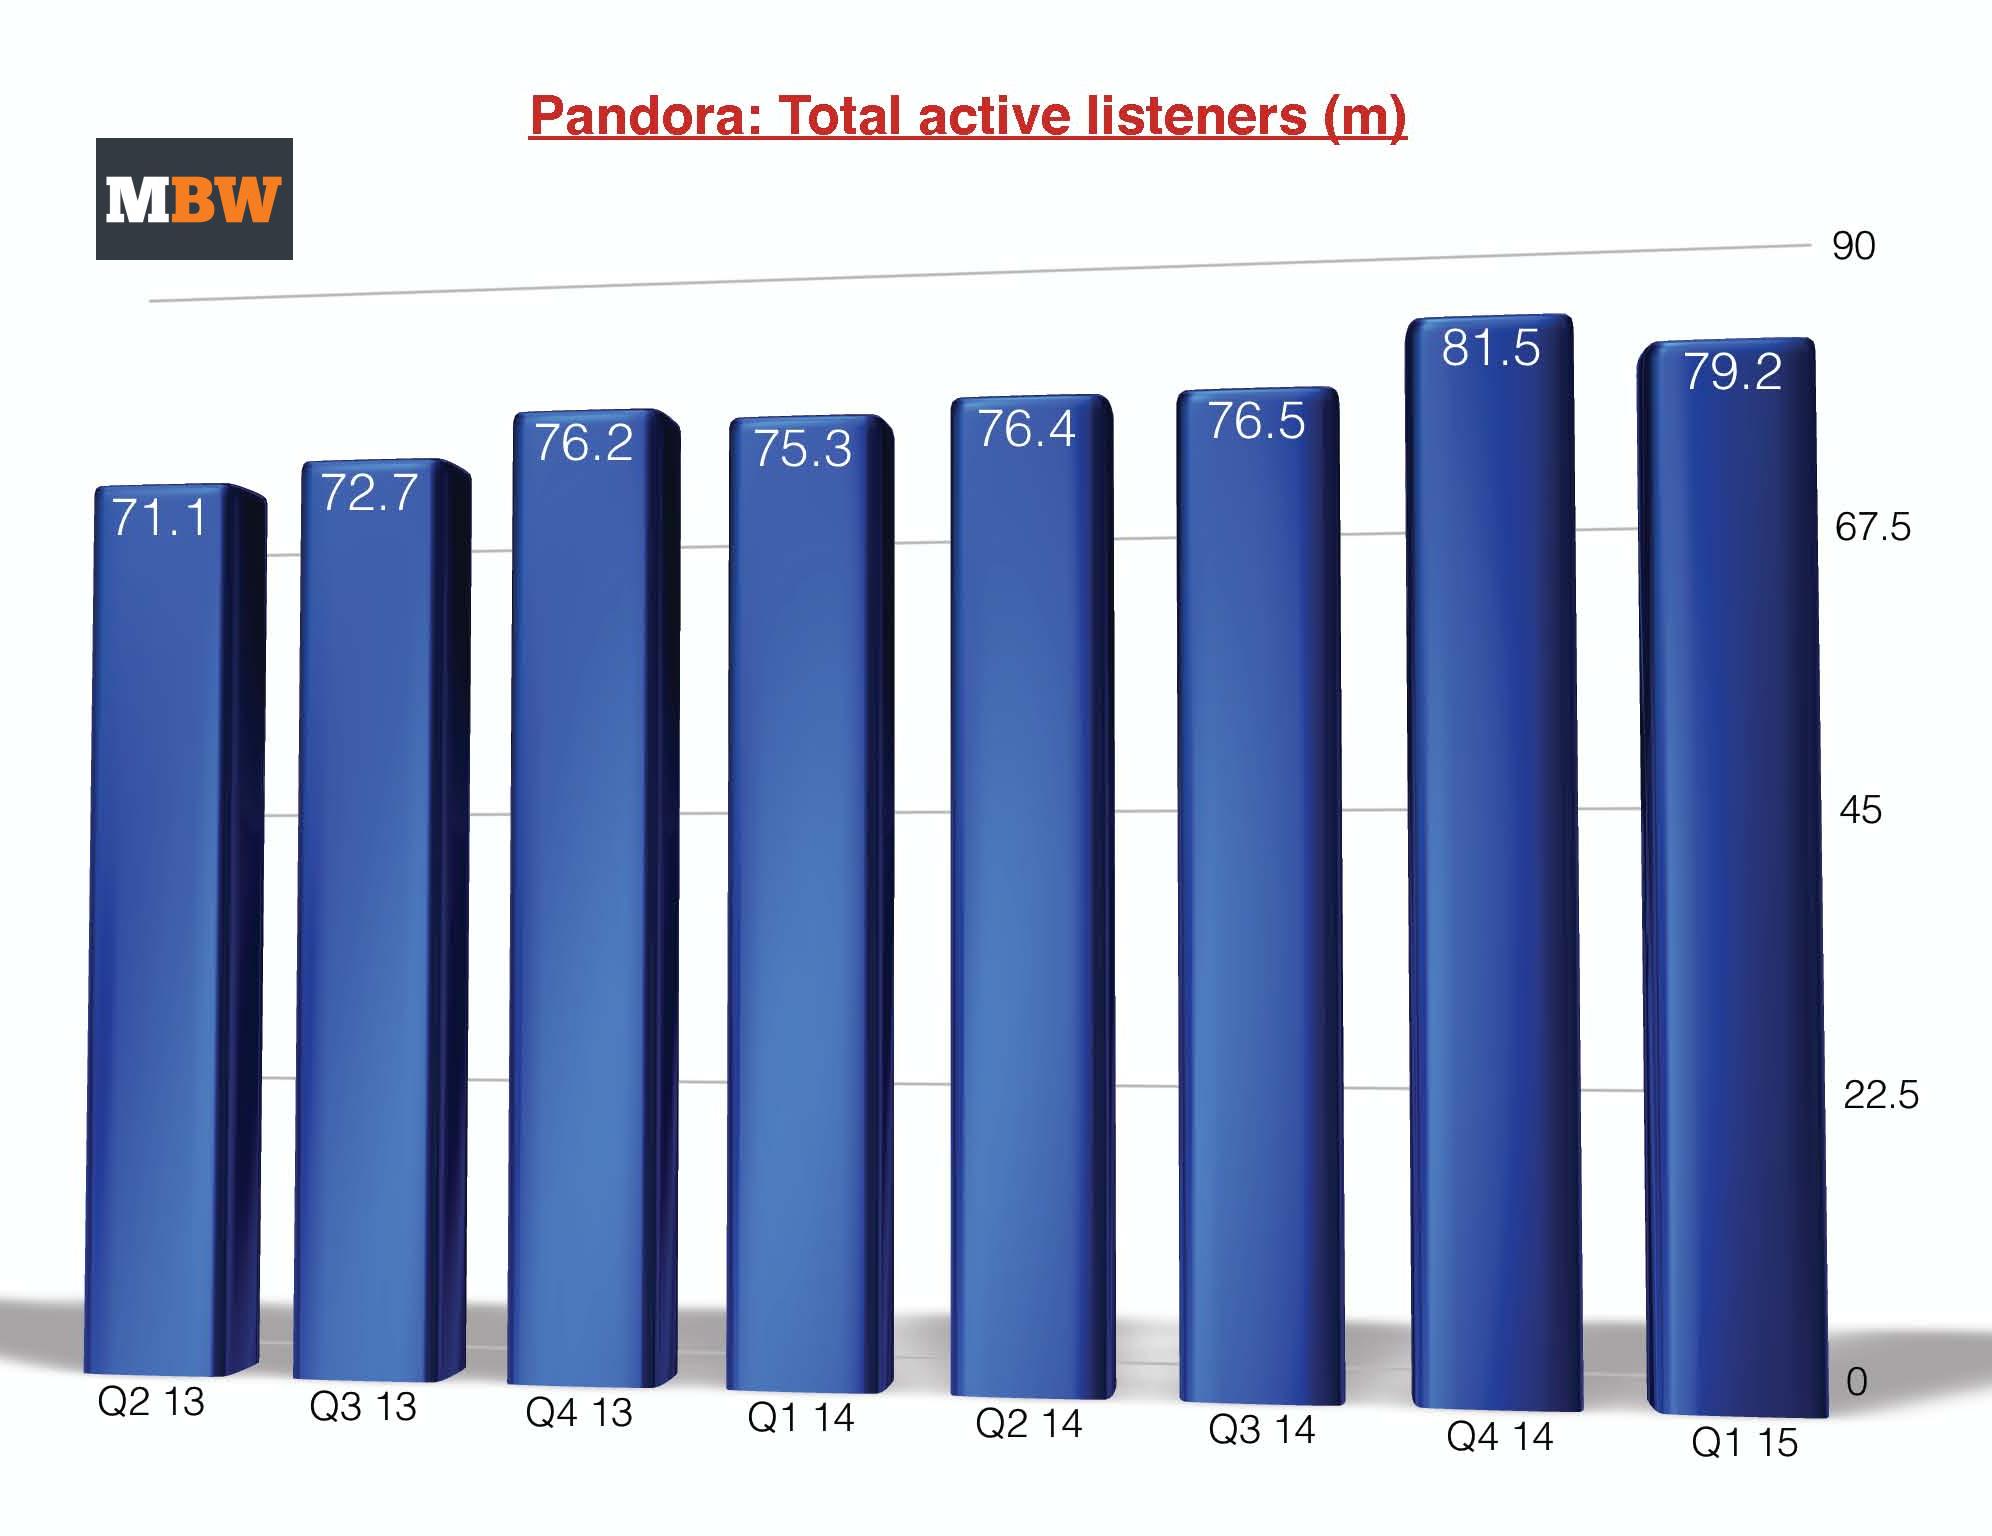 Pandorausersnew